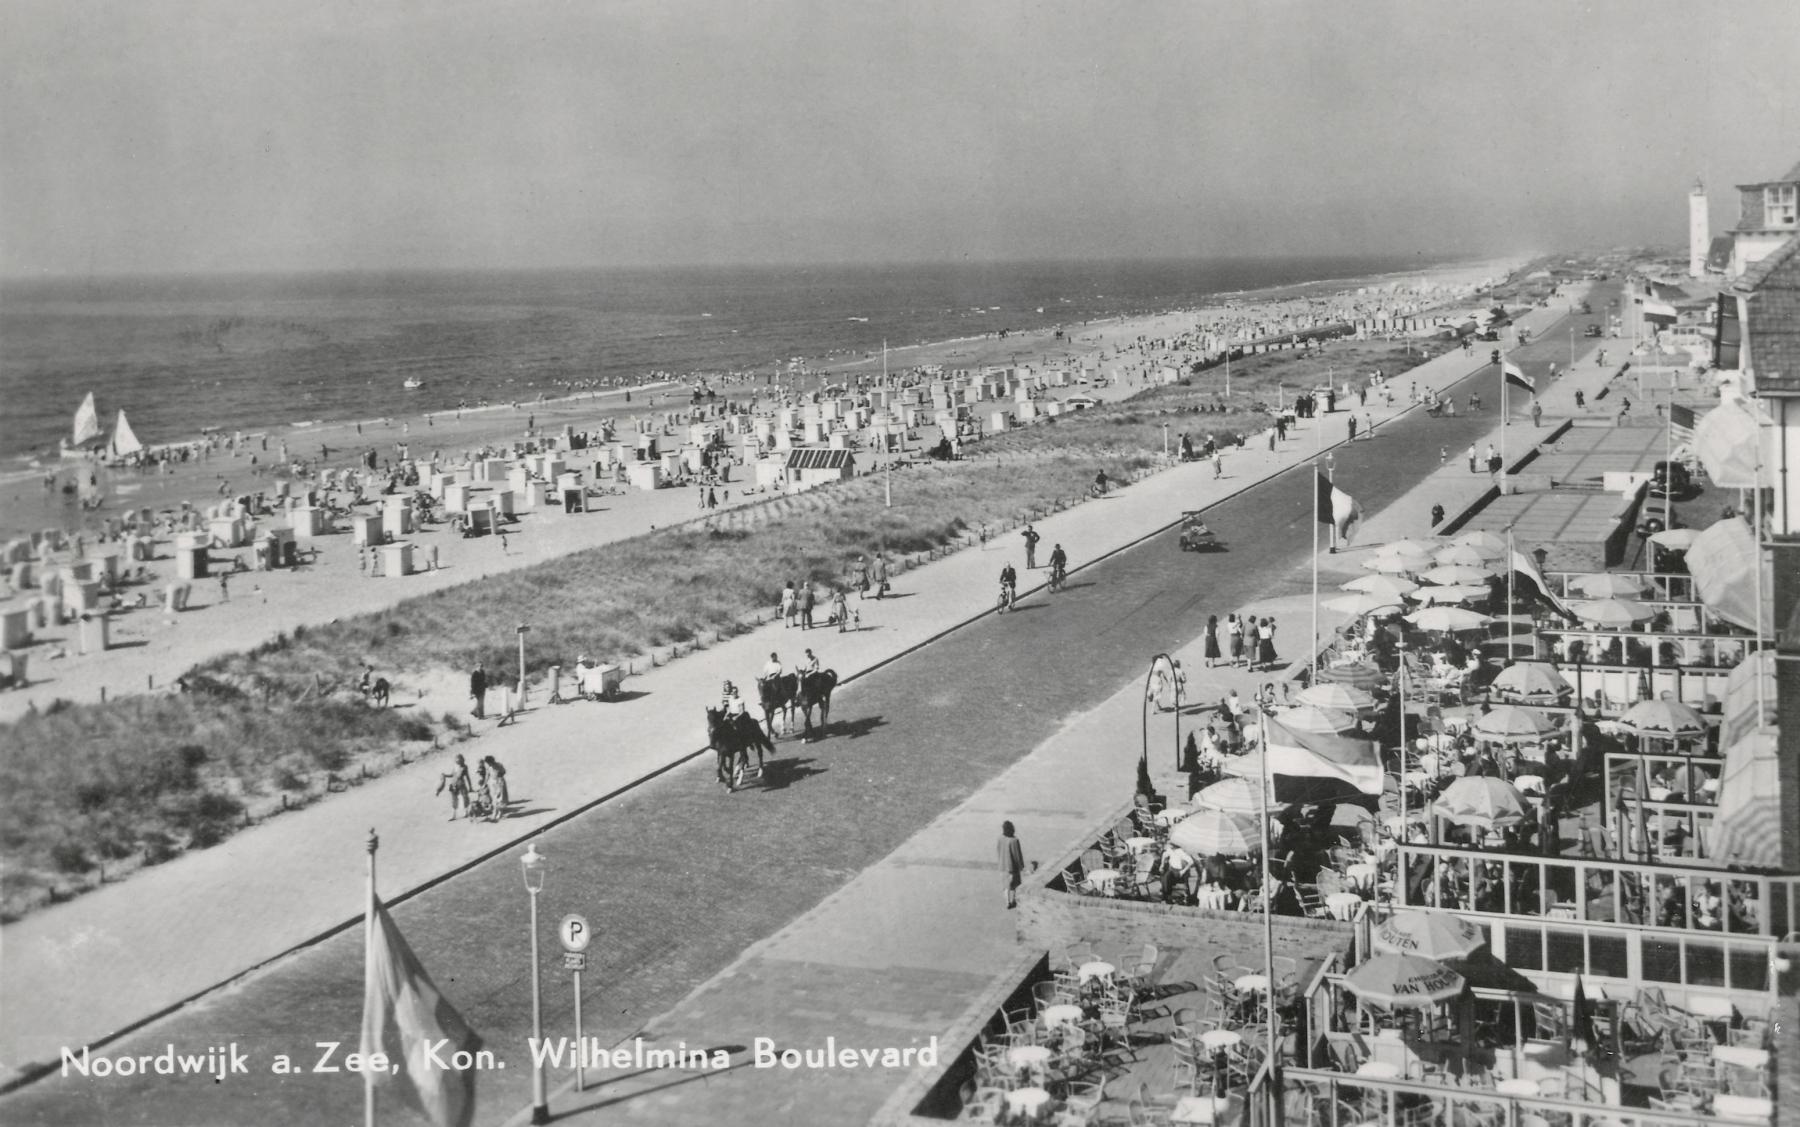 Noordwijk aan Zee 1951 ansichtkaart